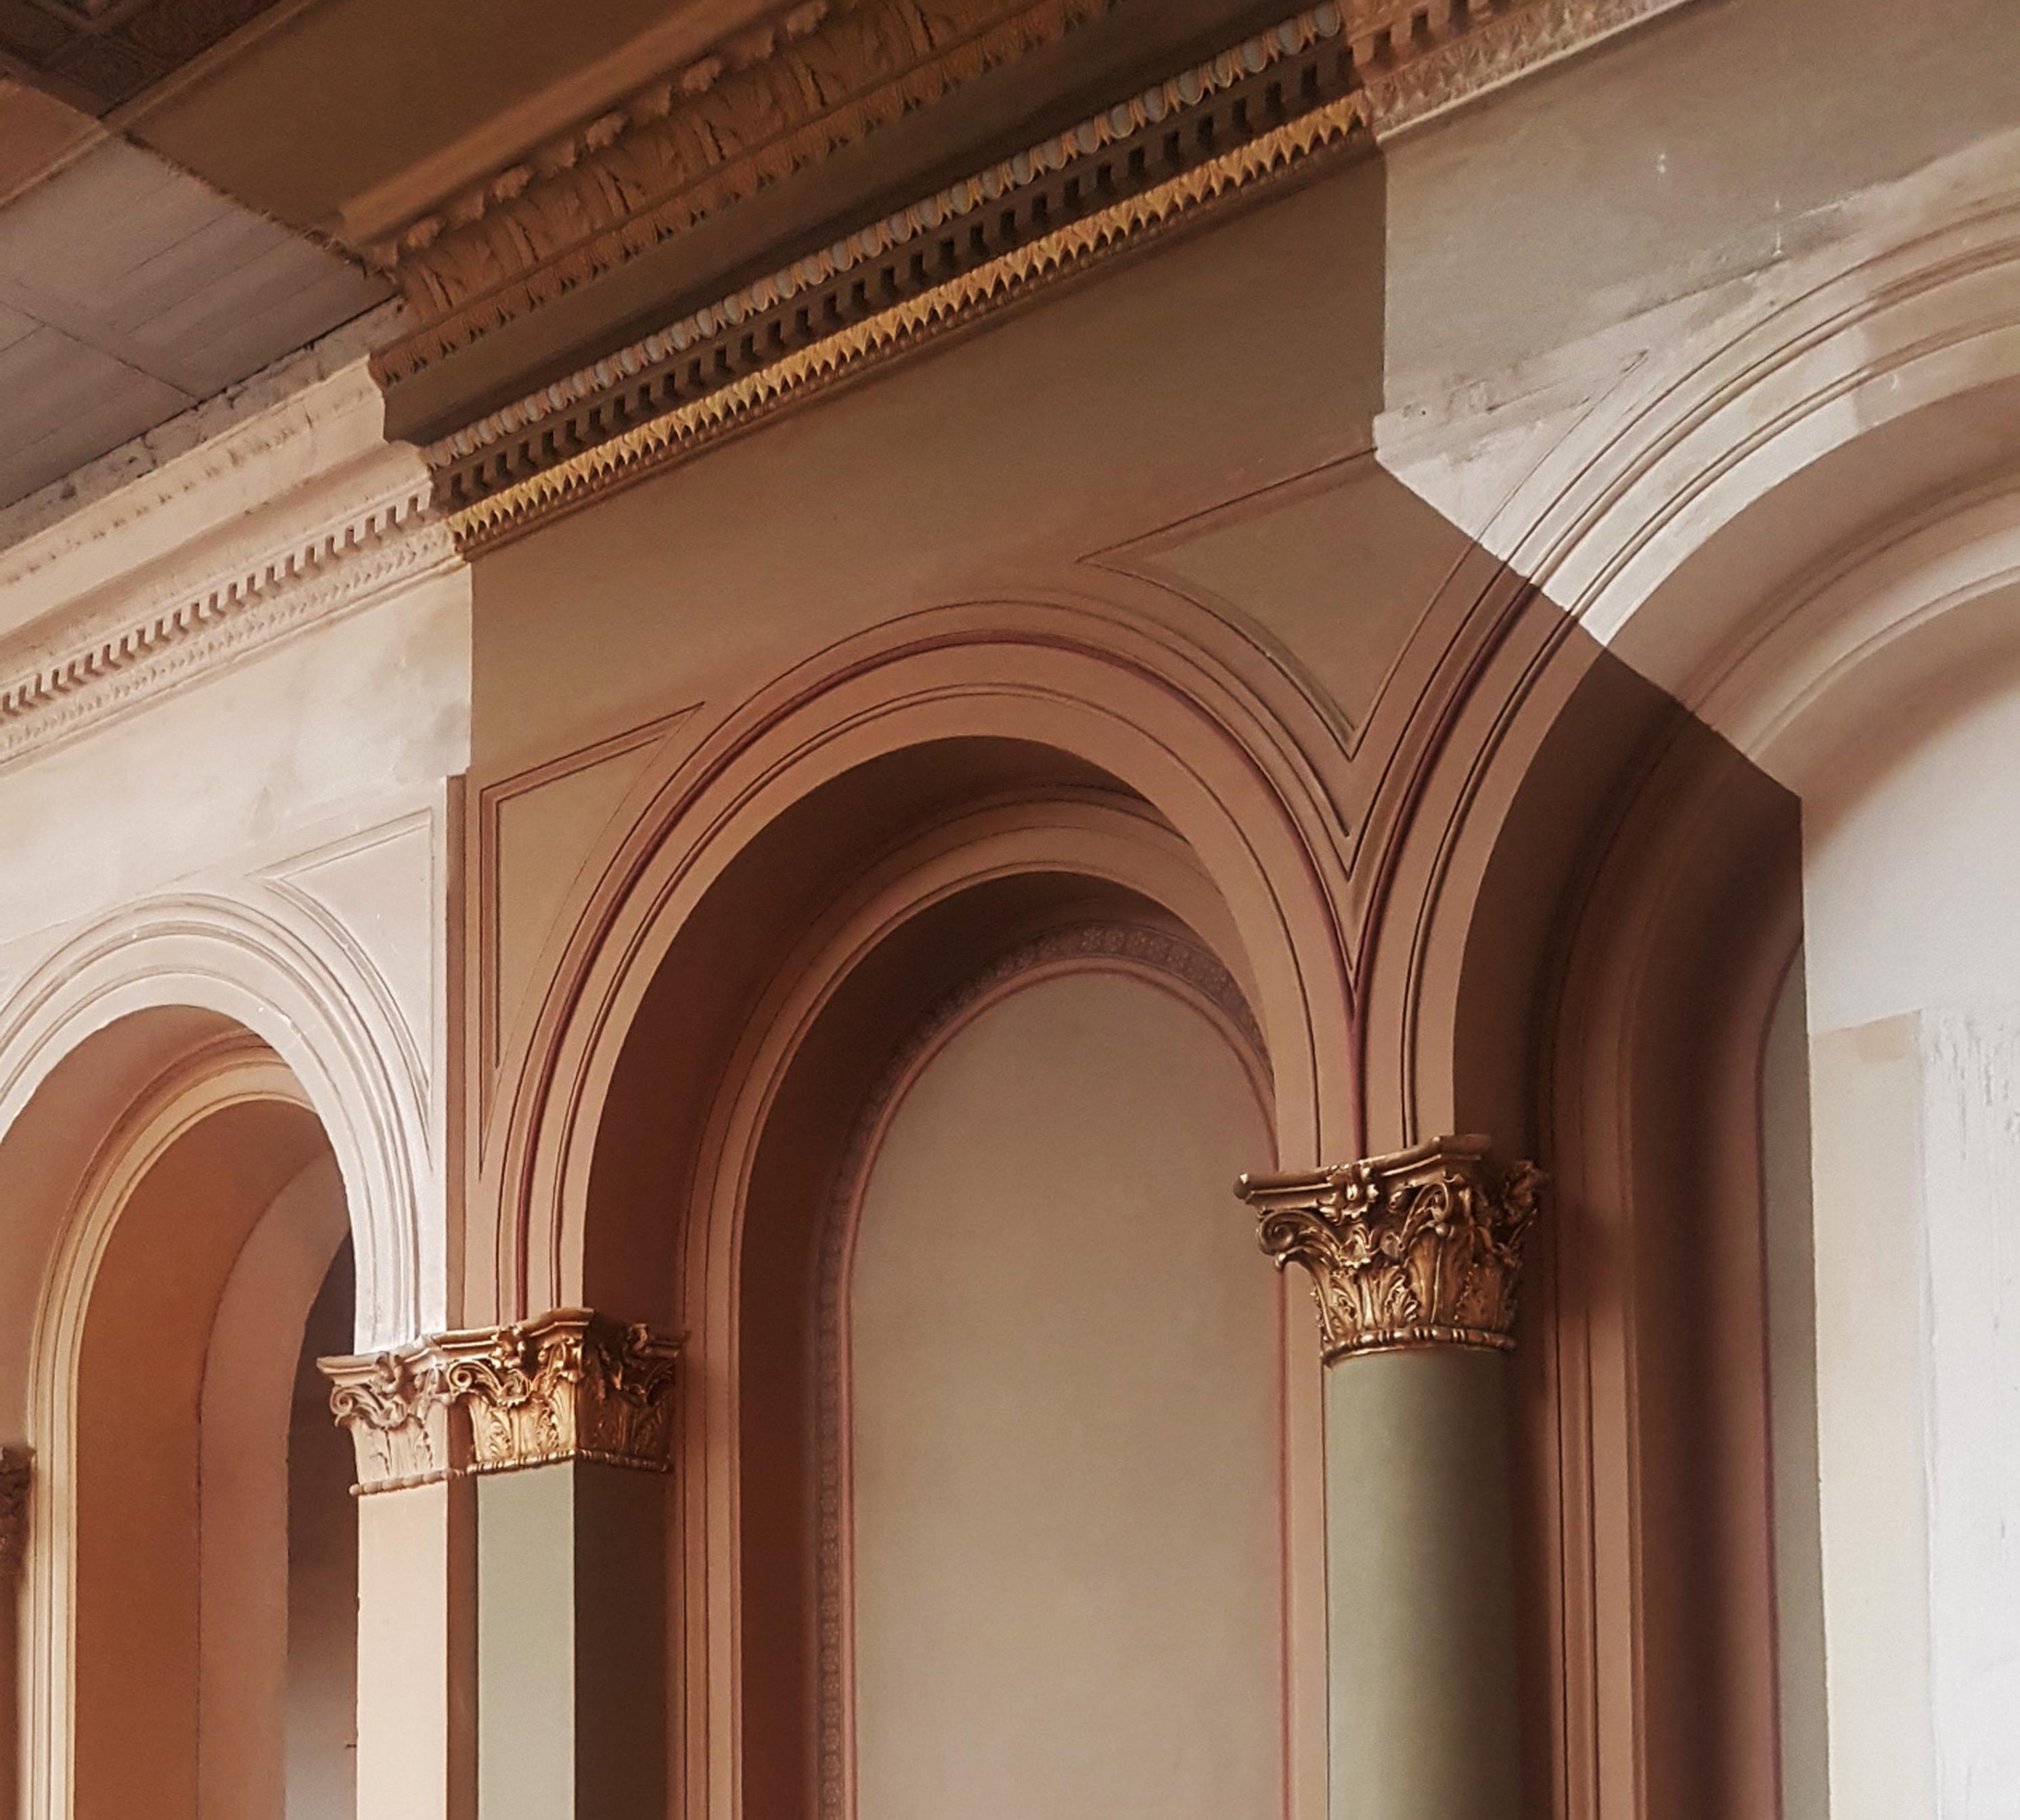 Säulendetails, Robert-Koch-Forum, Berlin